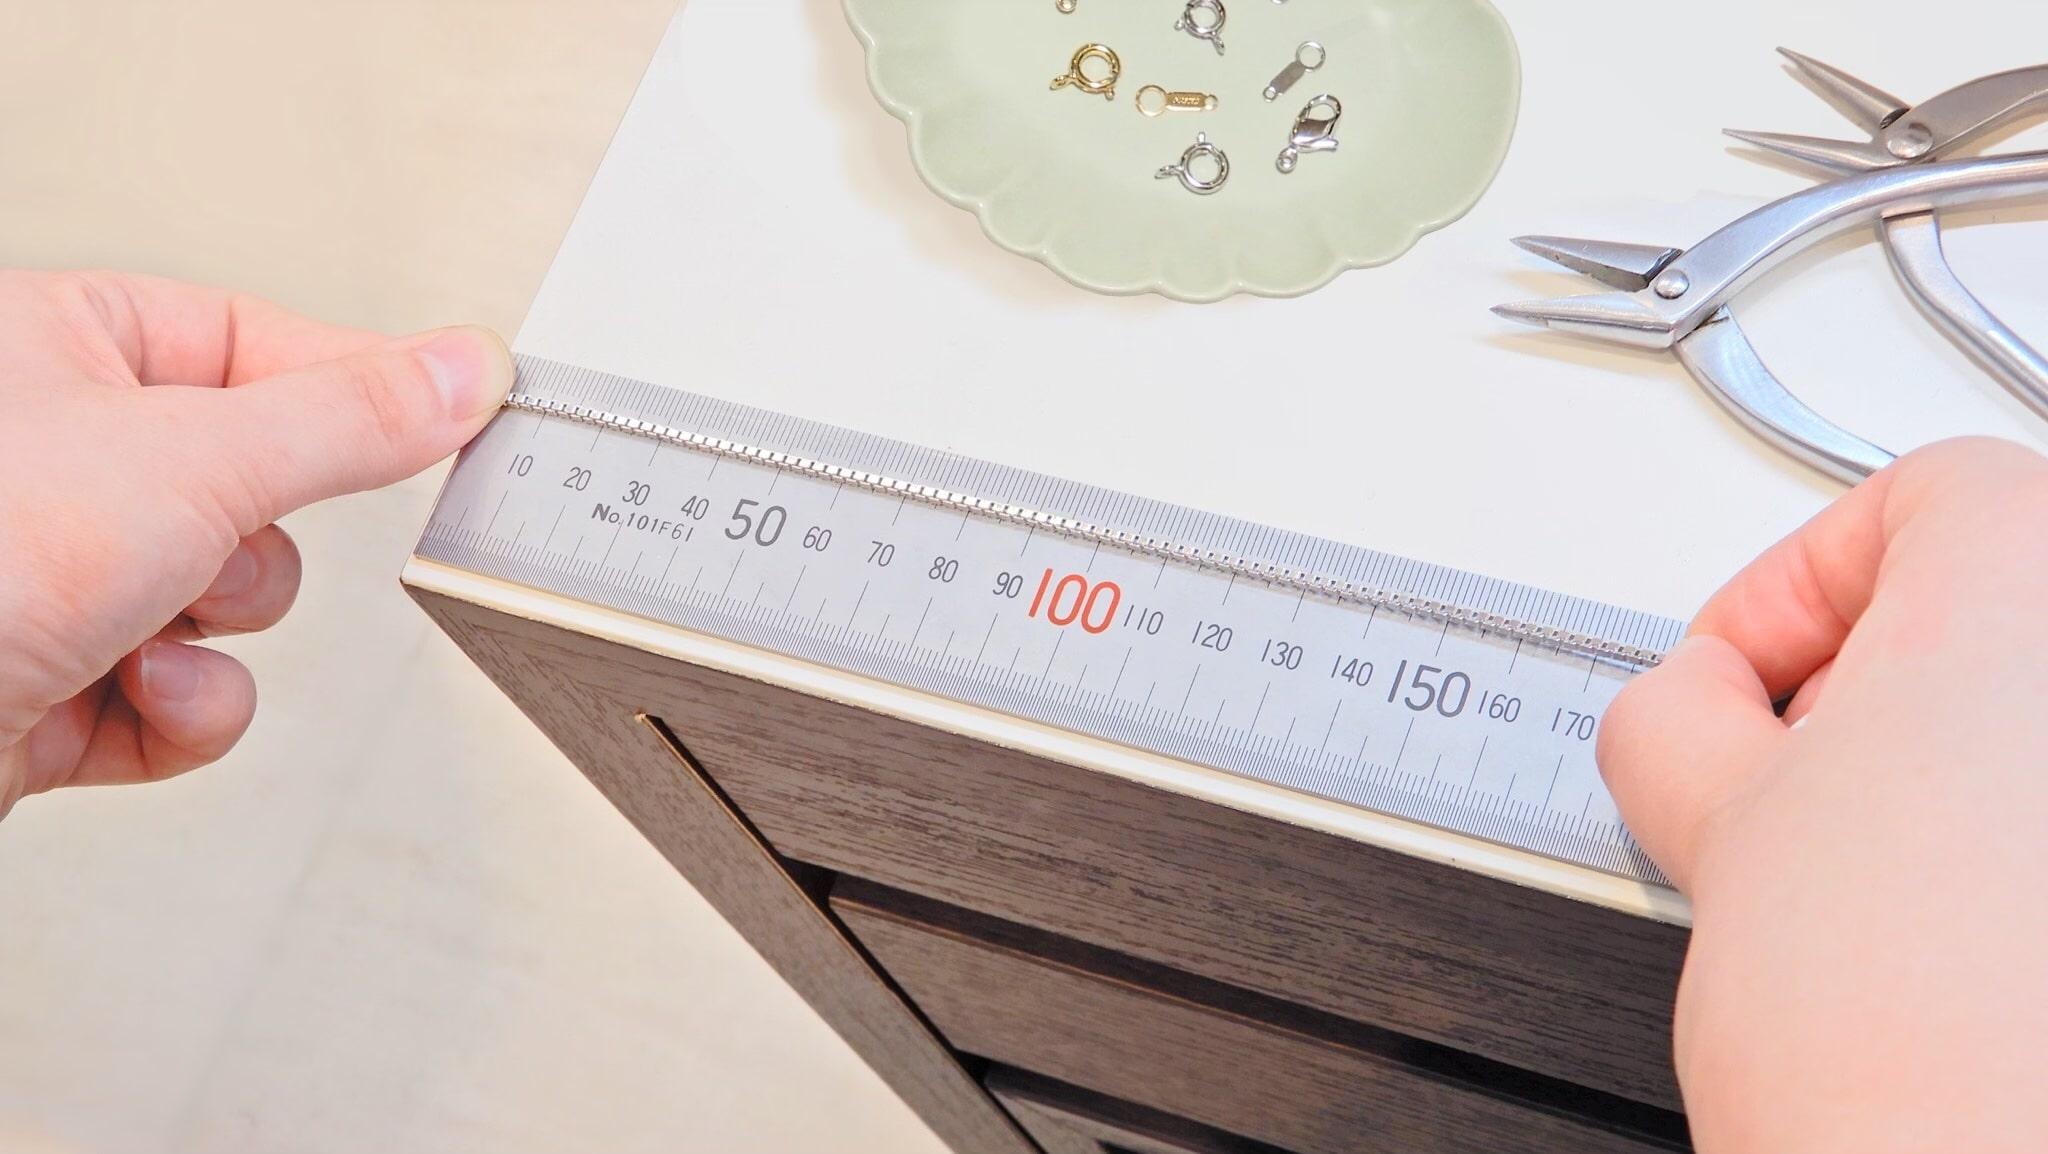 ネックレス チェーンの長さを計測1707